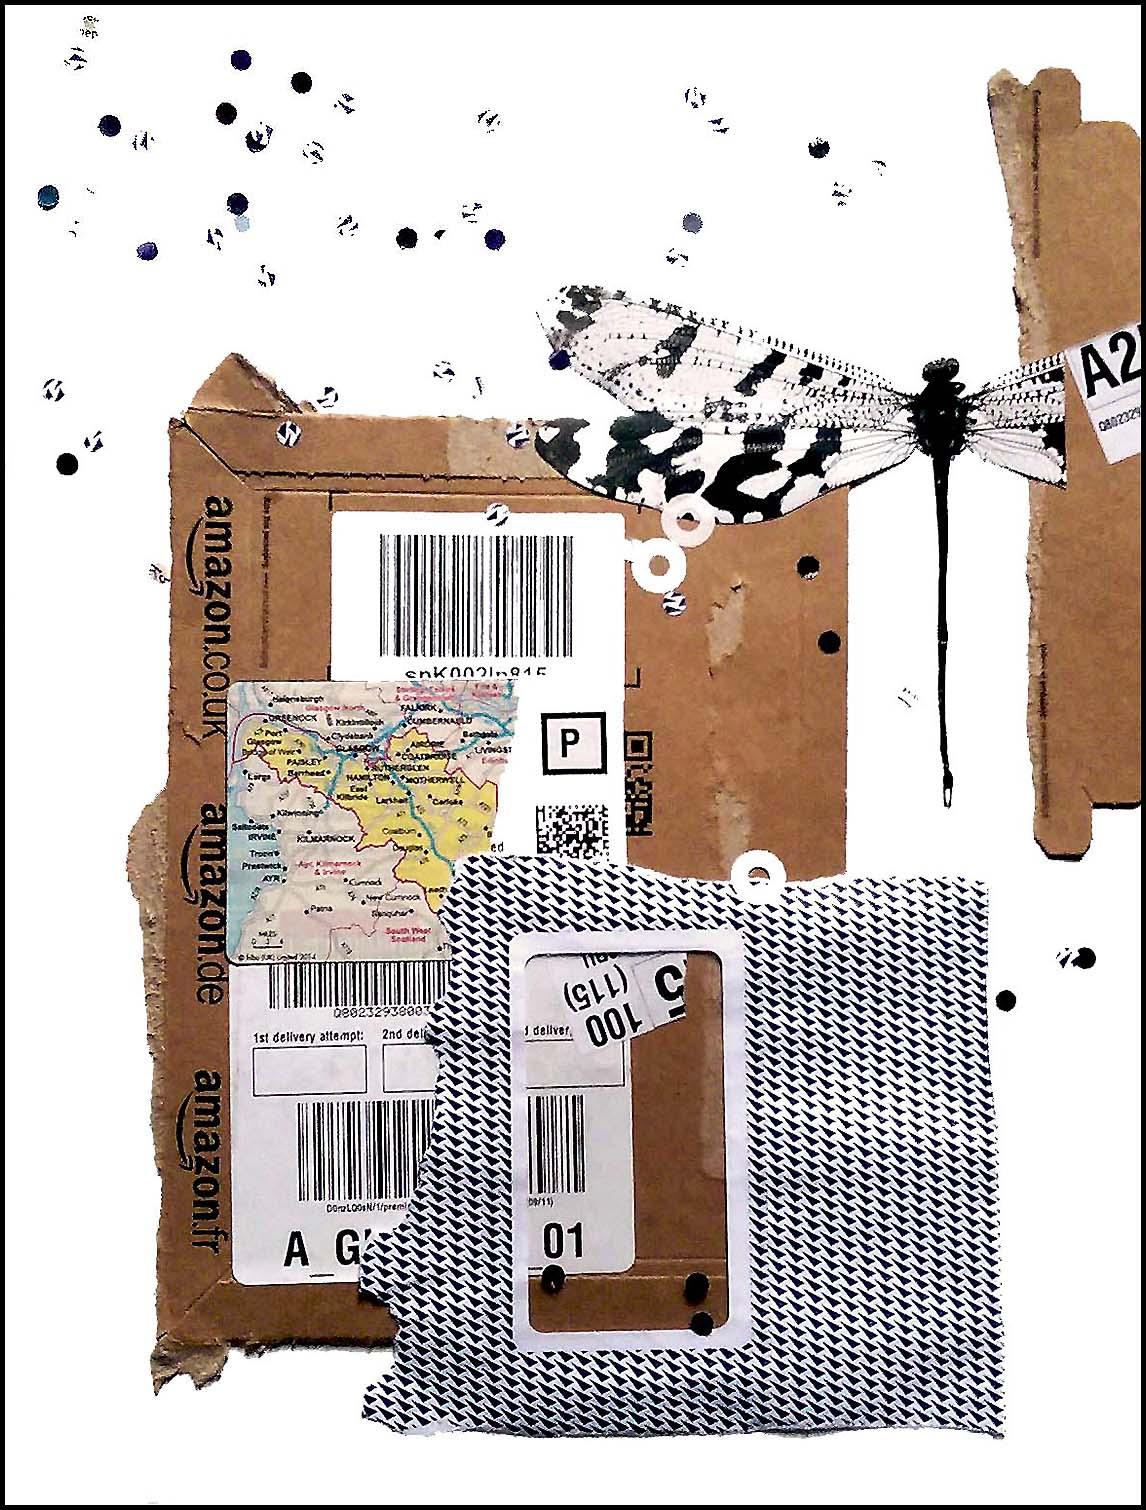 Junk-Mail-College.jpg